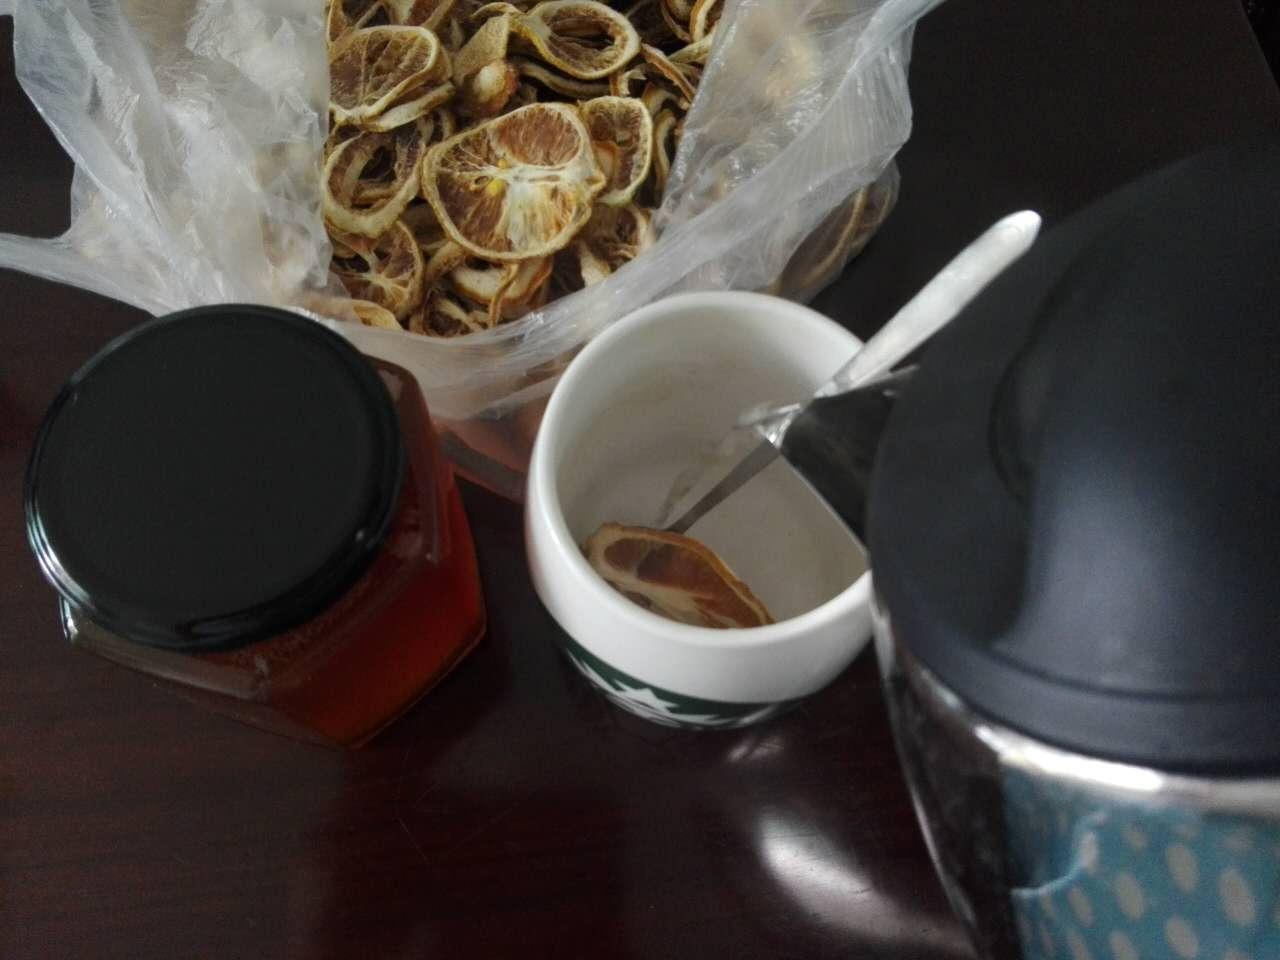 柠檬水加蜂蜜 柠檬水加蜂蜜有什么功效 - 养生常识 - 民福康...